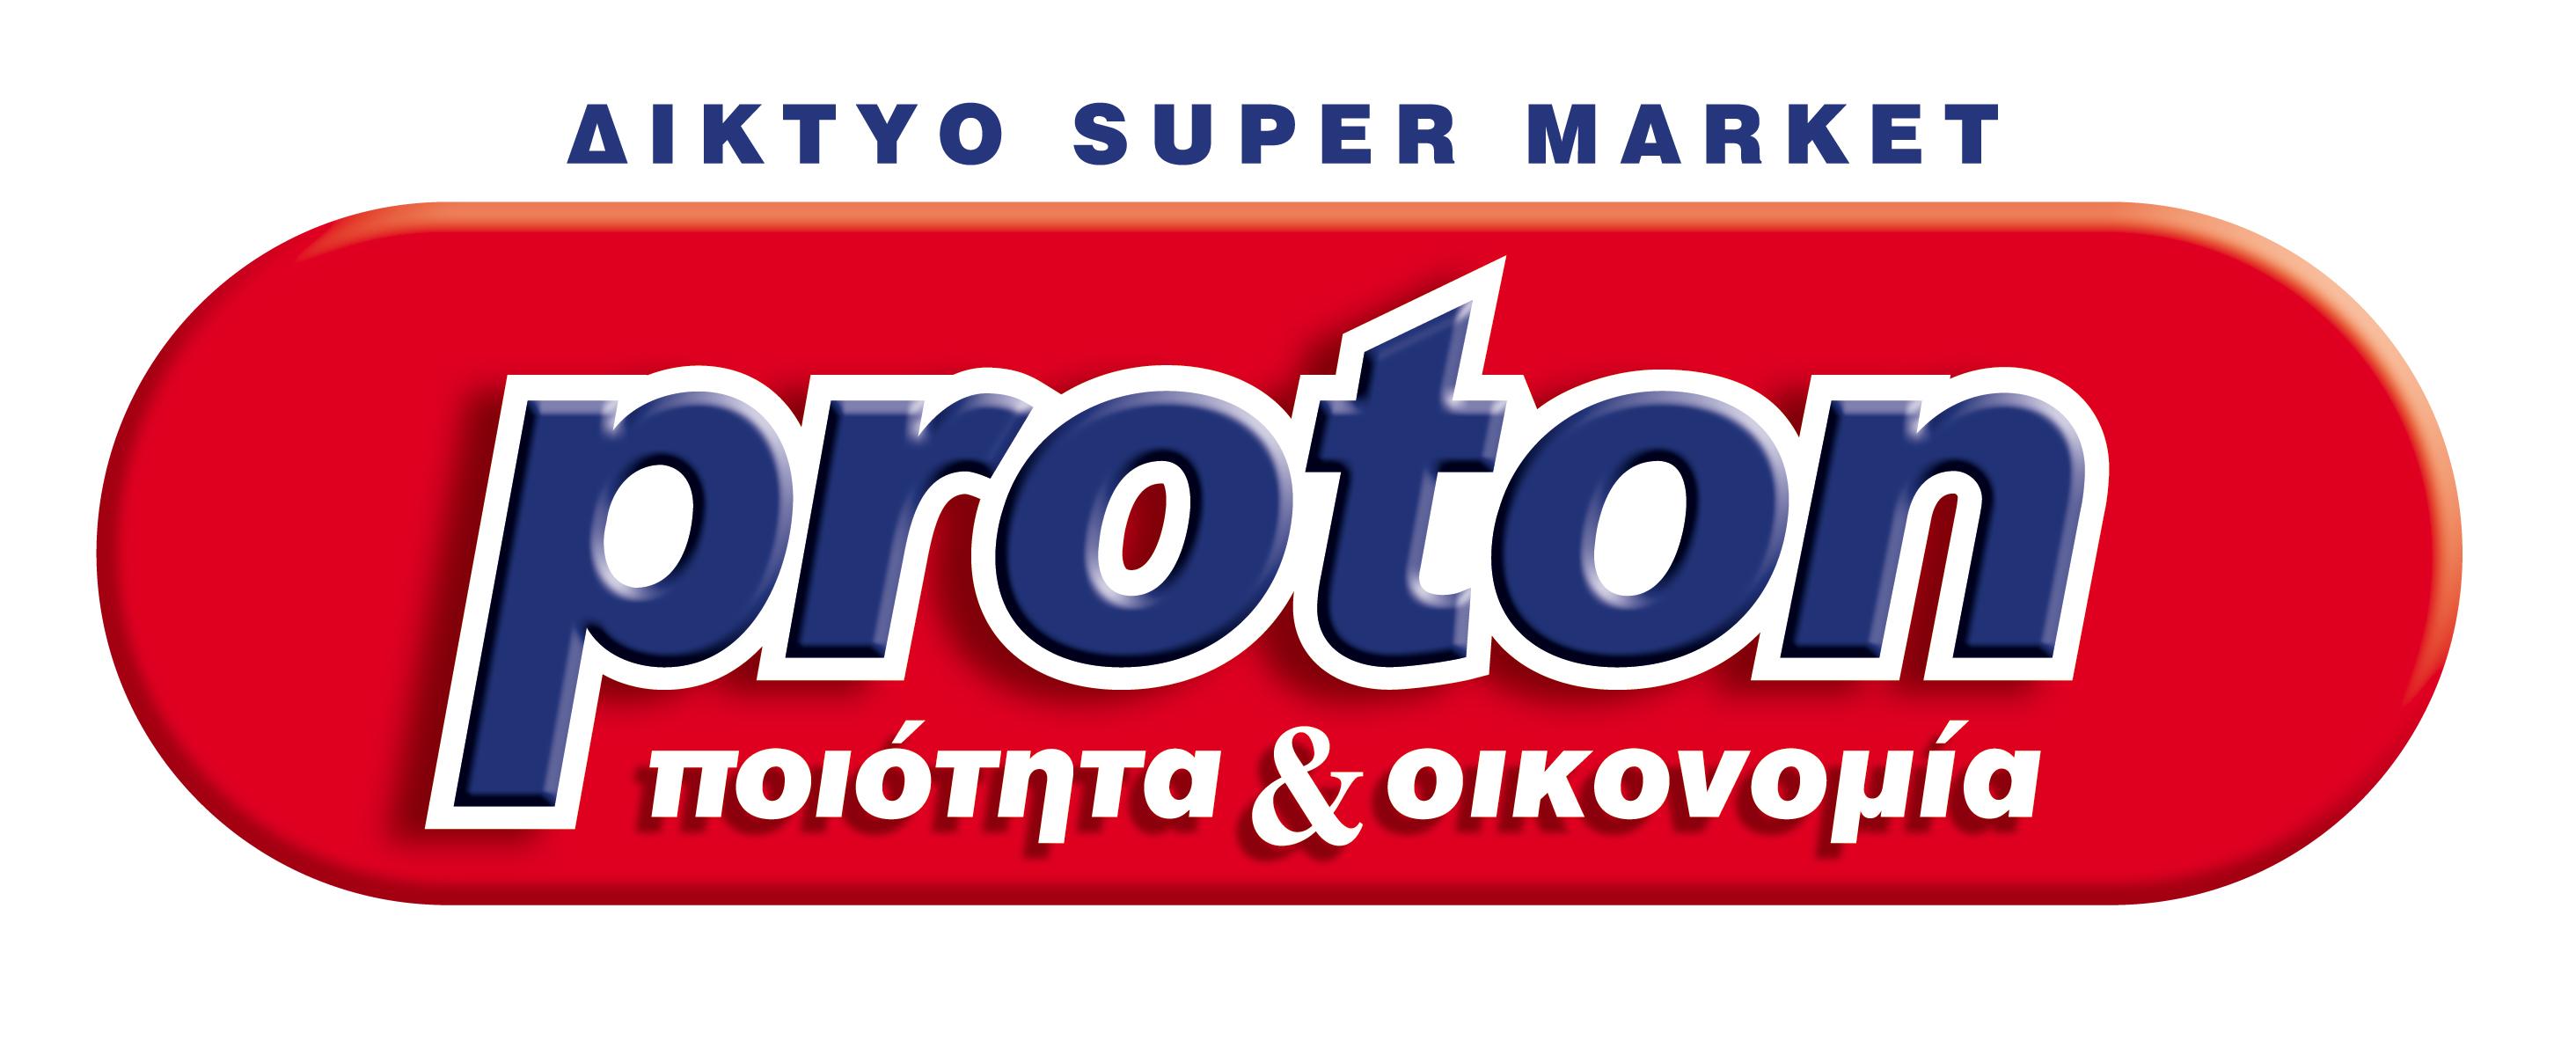 Ολοκληρώνεται η συνεργασία μεταξύ της λιανεμπορικής ΑΝΕΔΗΚ ΚΡΗΤΙΚΟΣ και του ομίλου αγορών ΕΛΕΤΑ, όπως δημοσιεύτηκε στο marketleader.gr.